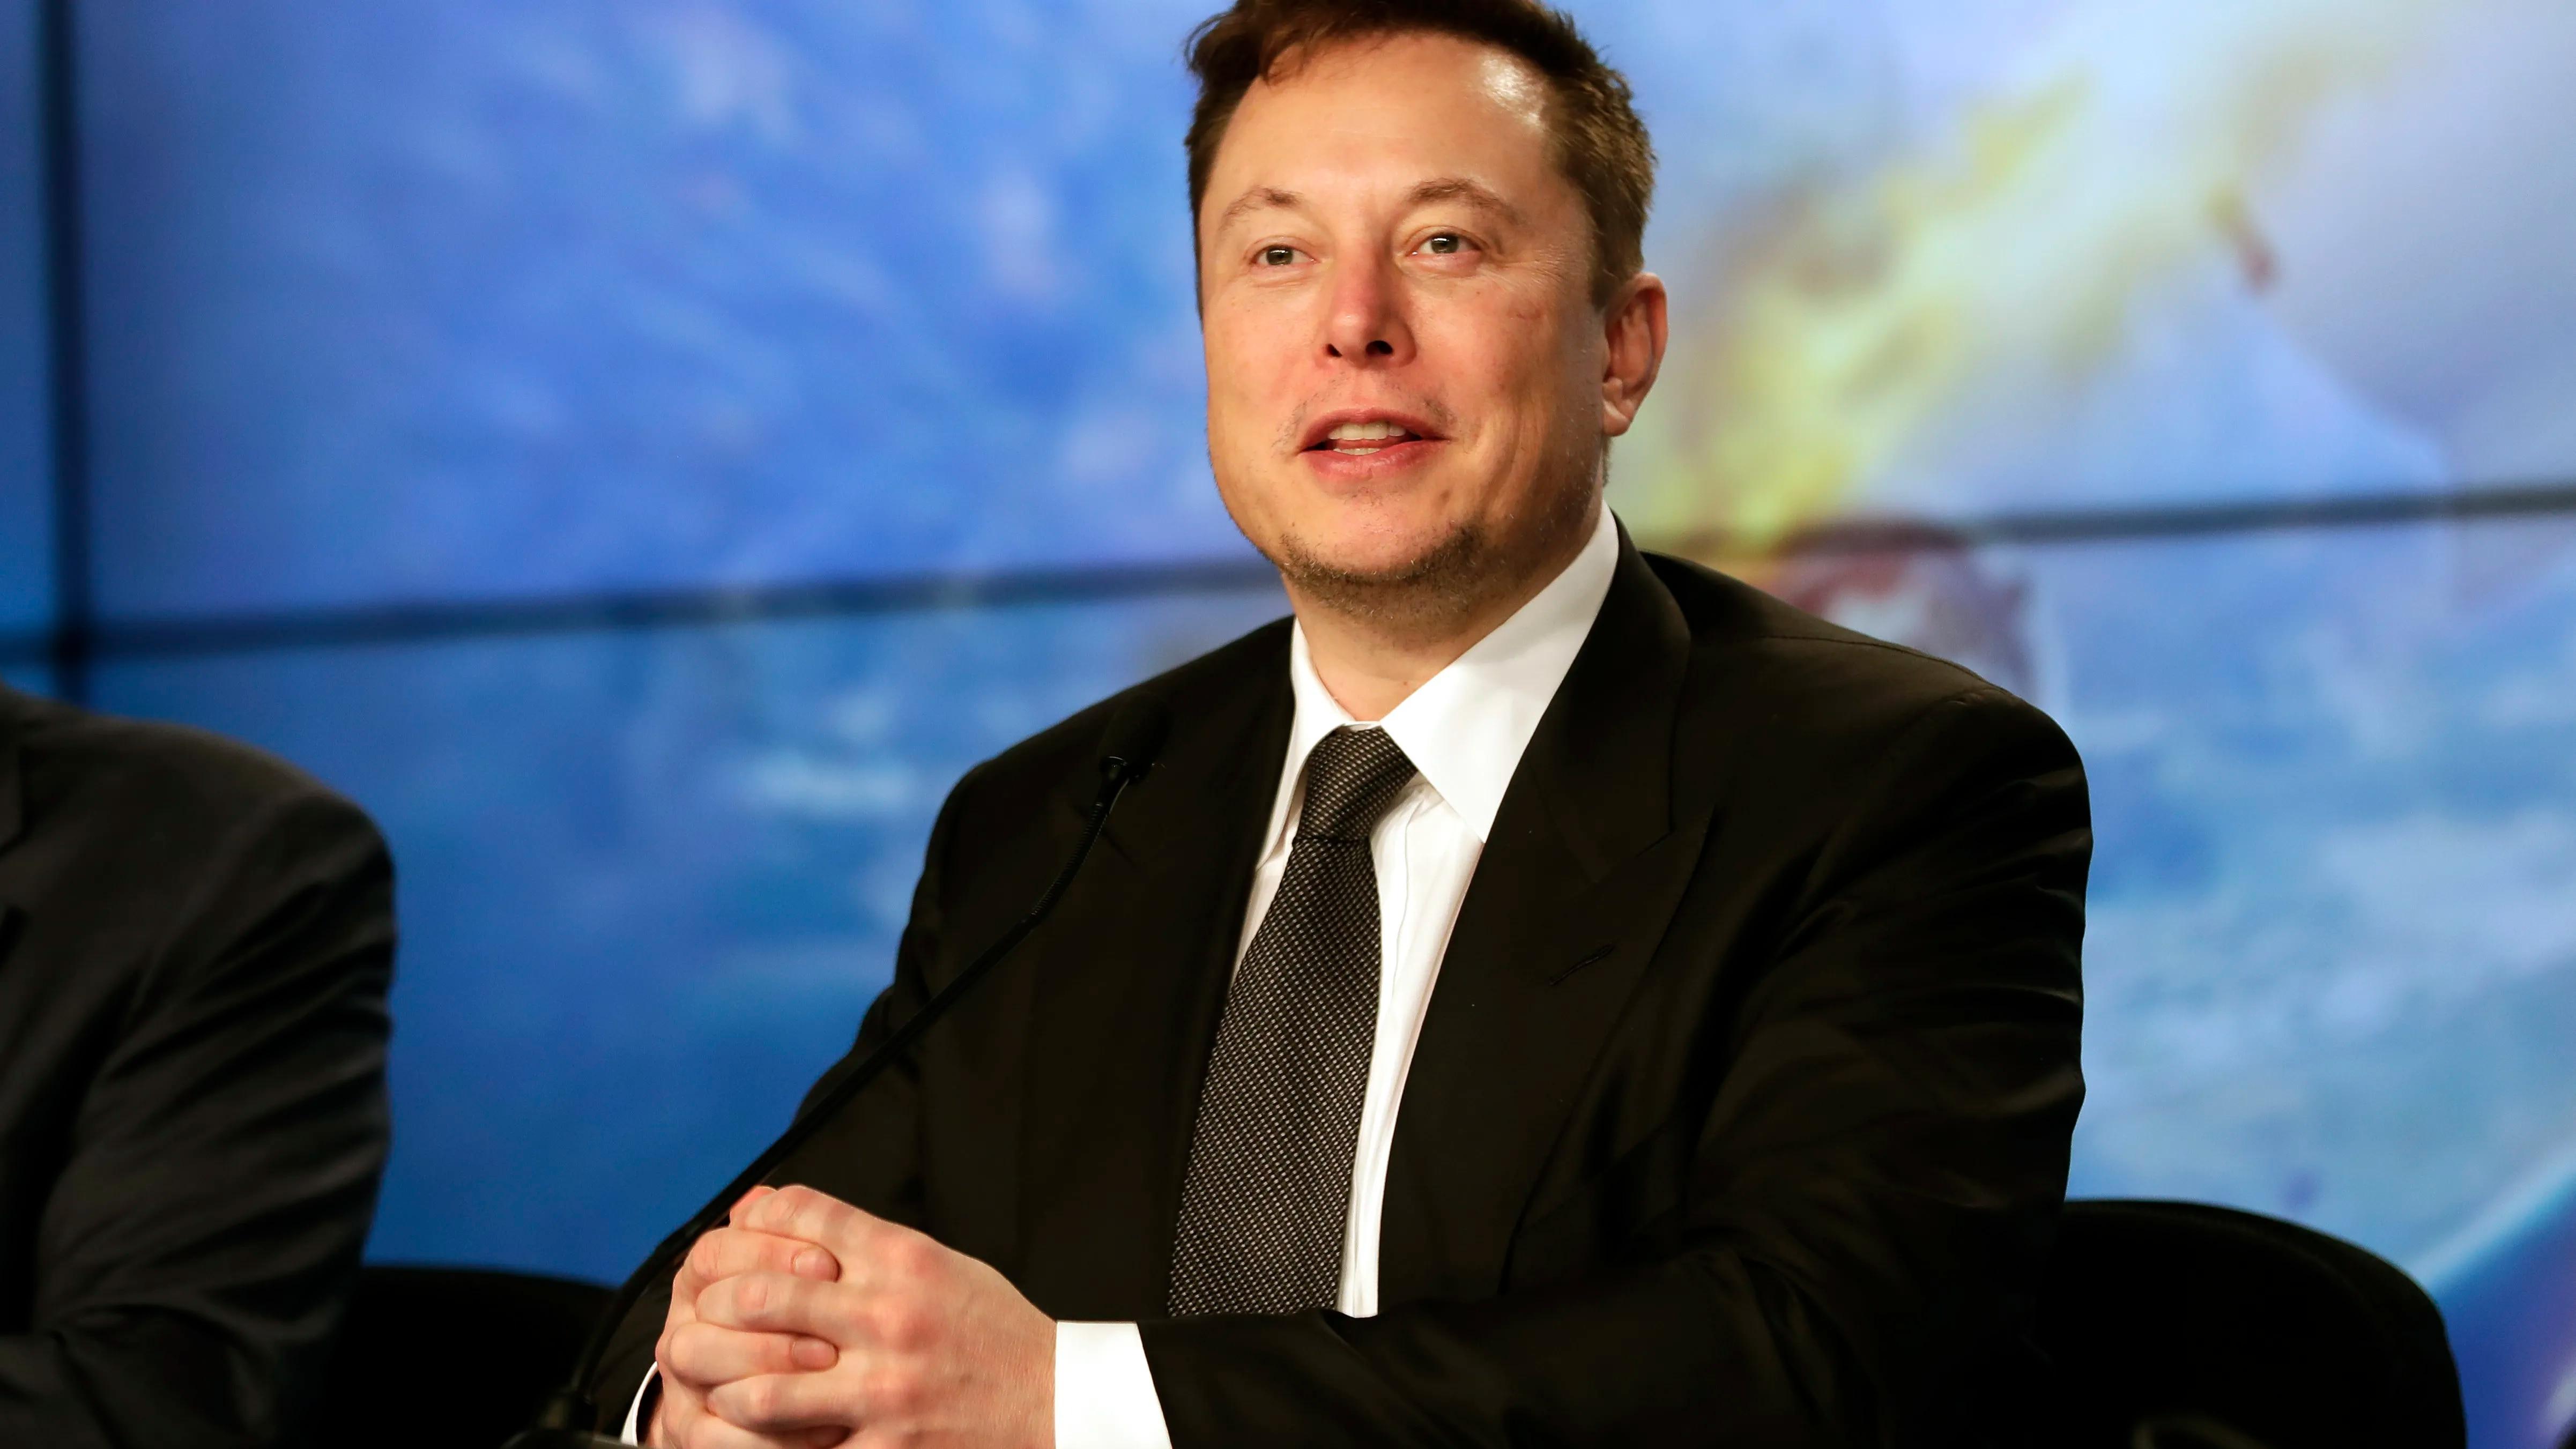 Twitter Gehackt Elon Musk Barack Obama Joe Biden Jeff Bezos Und Weitere Accounts Betroffen